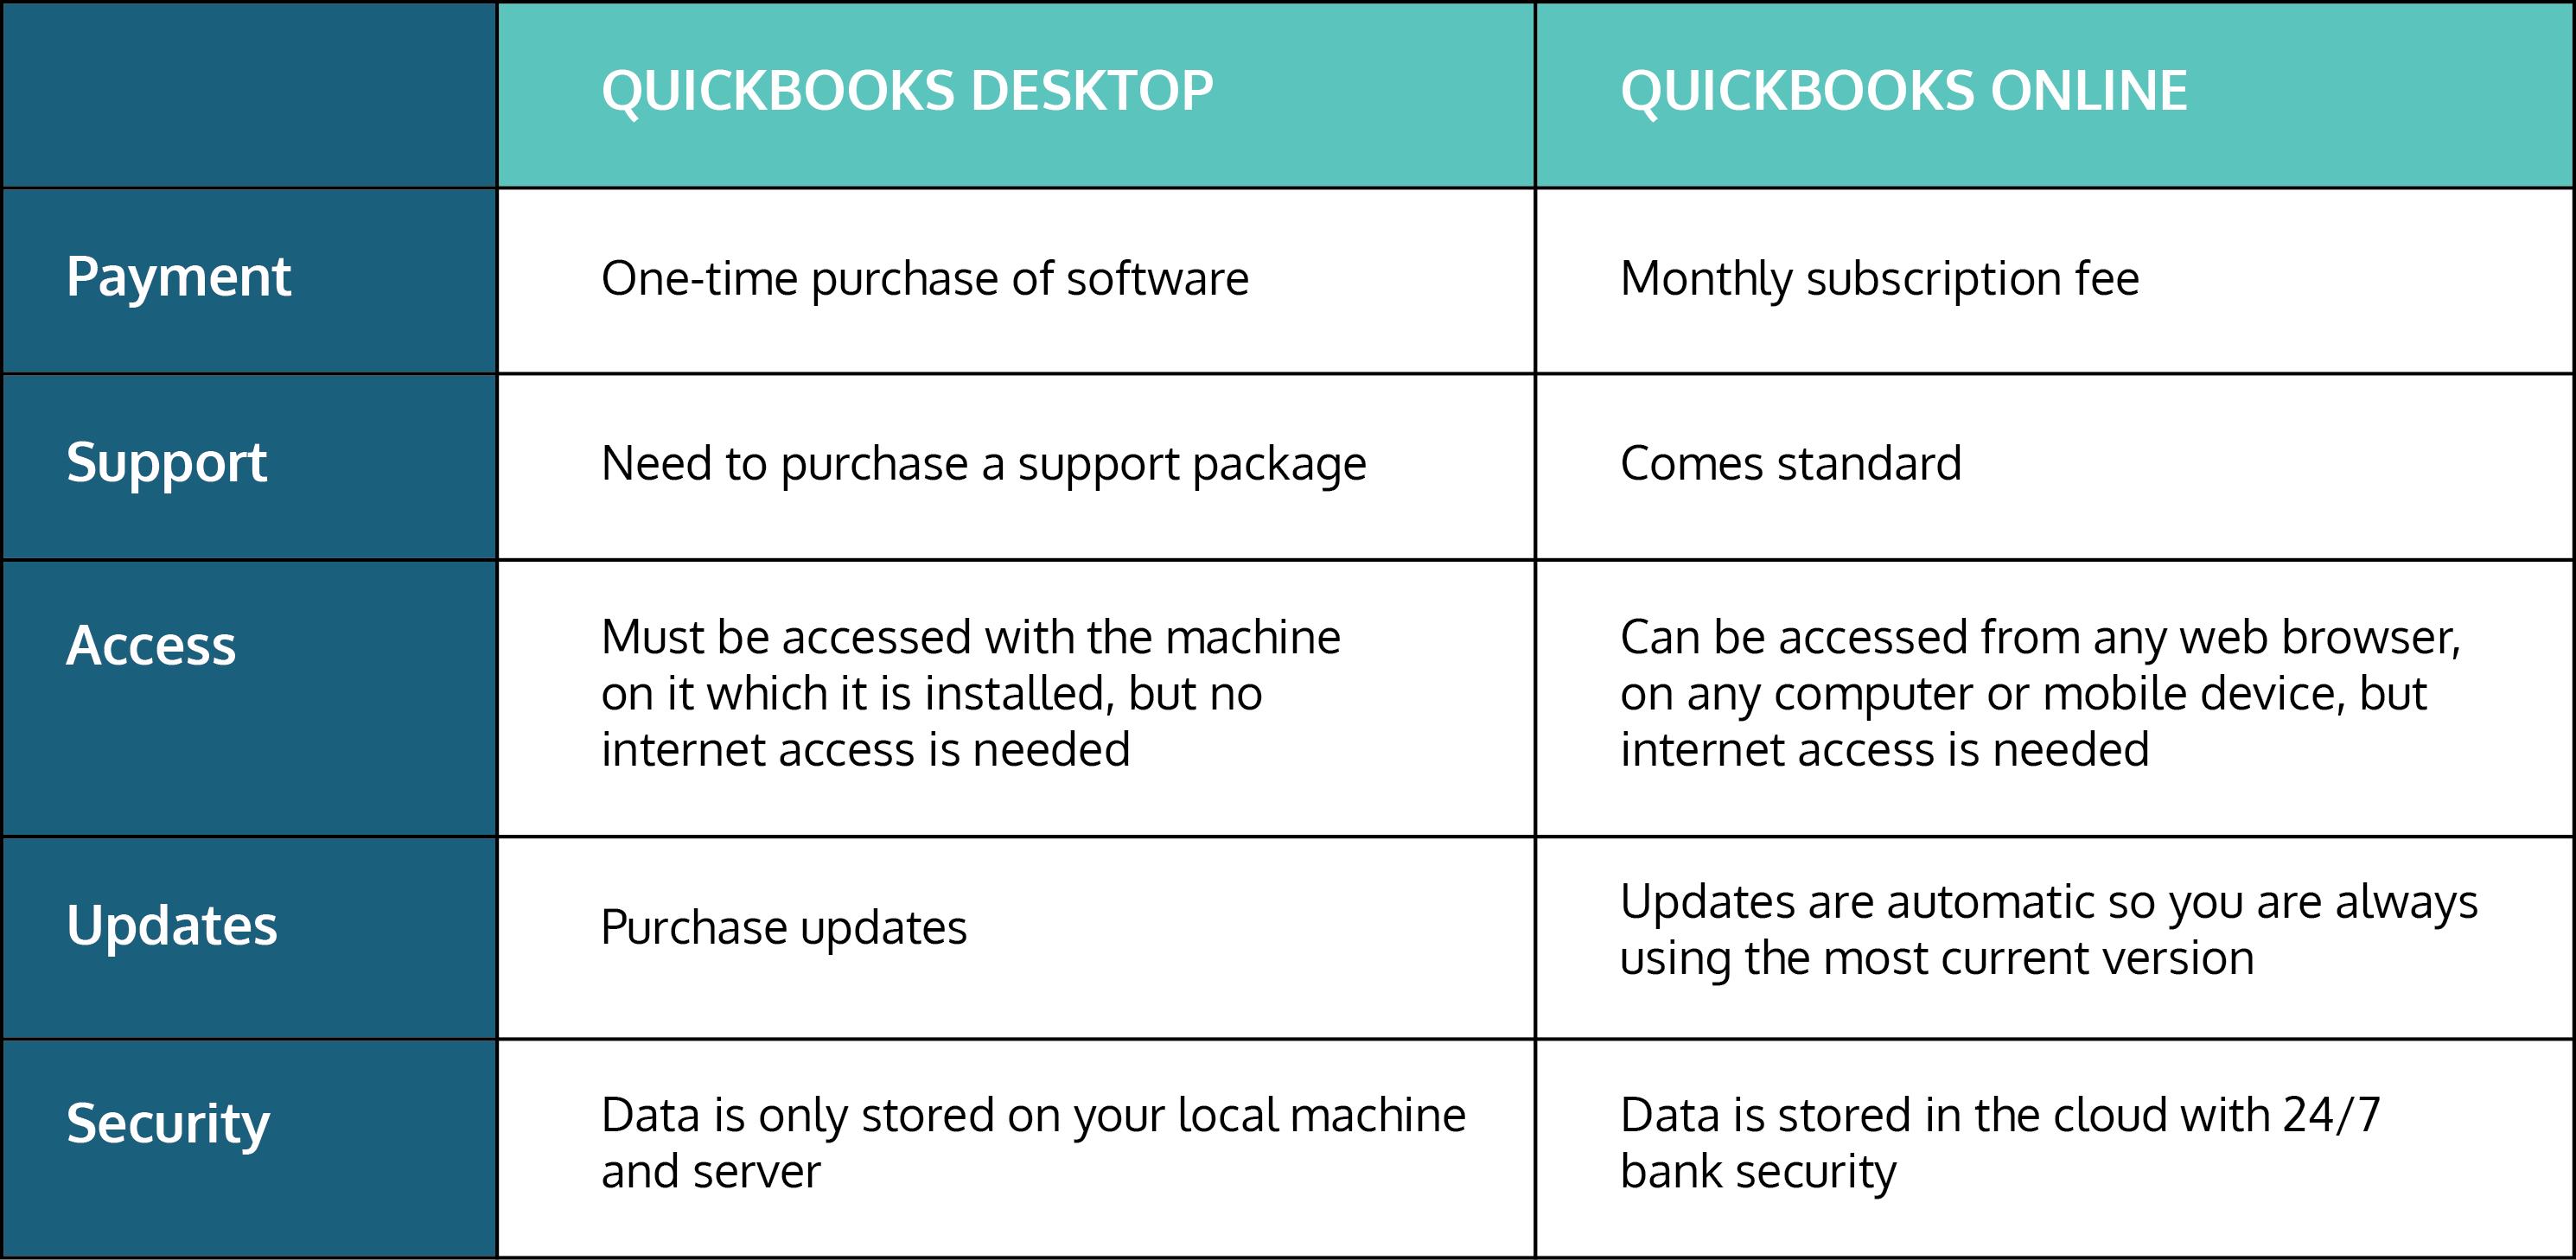 quickbooks online vs. quickbooks deskptop